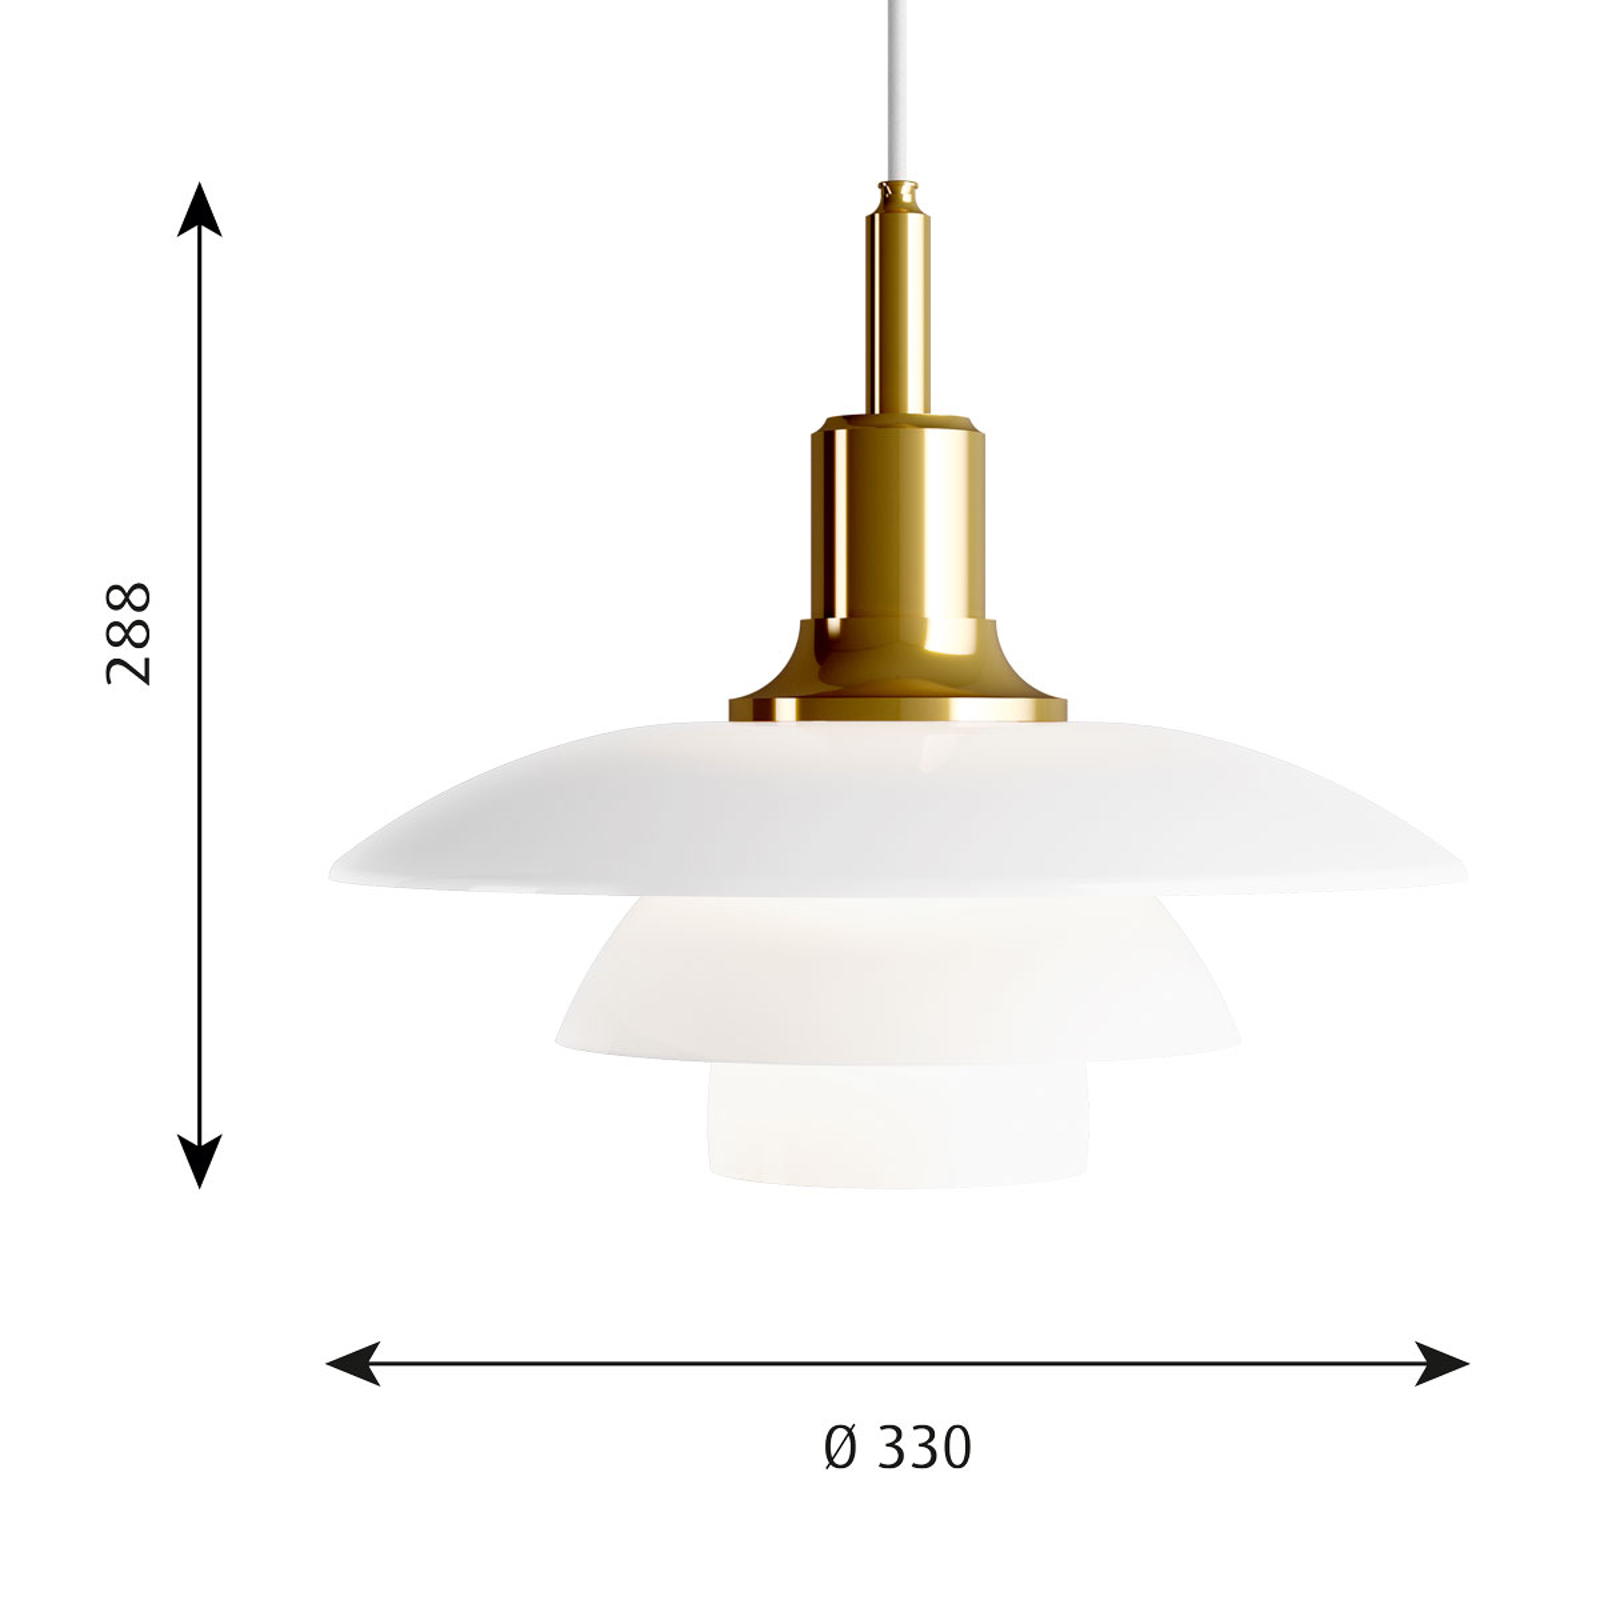 Louis Poulsen PH 3 1/2-3 glazen hanglamp messing